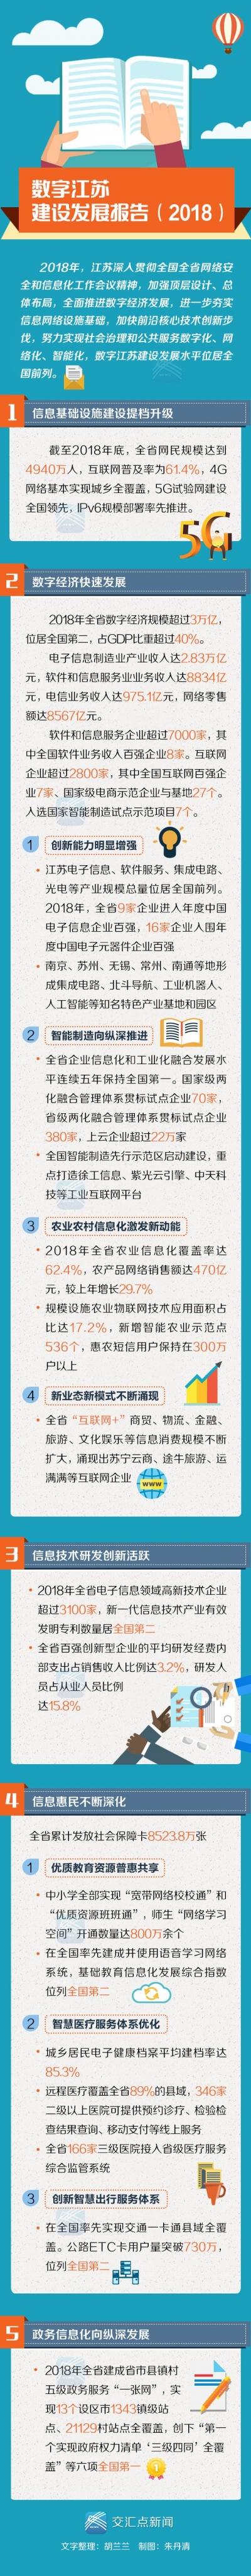 """""""数字江苏""""亮成绩单:全省数字经济规模超3万亿元,居全国第二,网民达4940万人"""